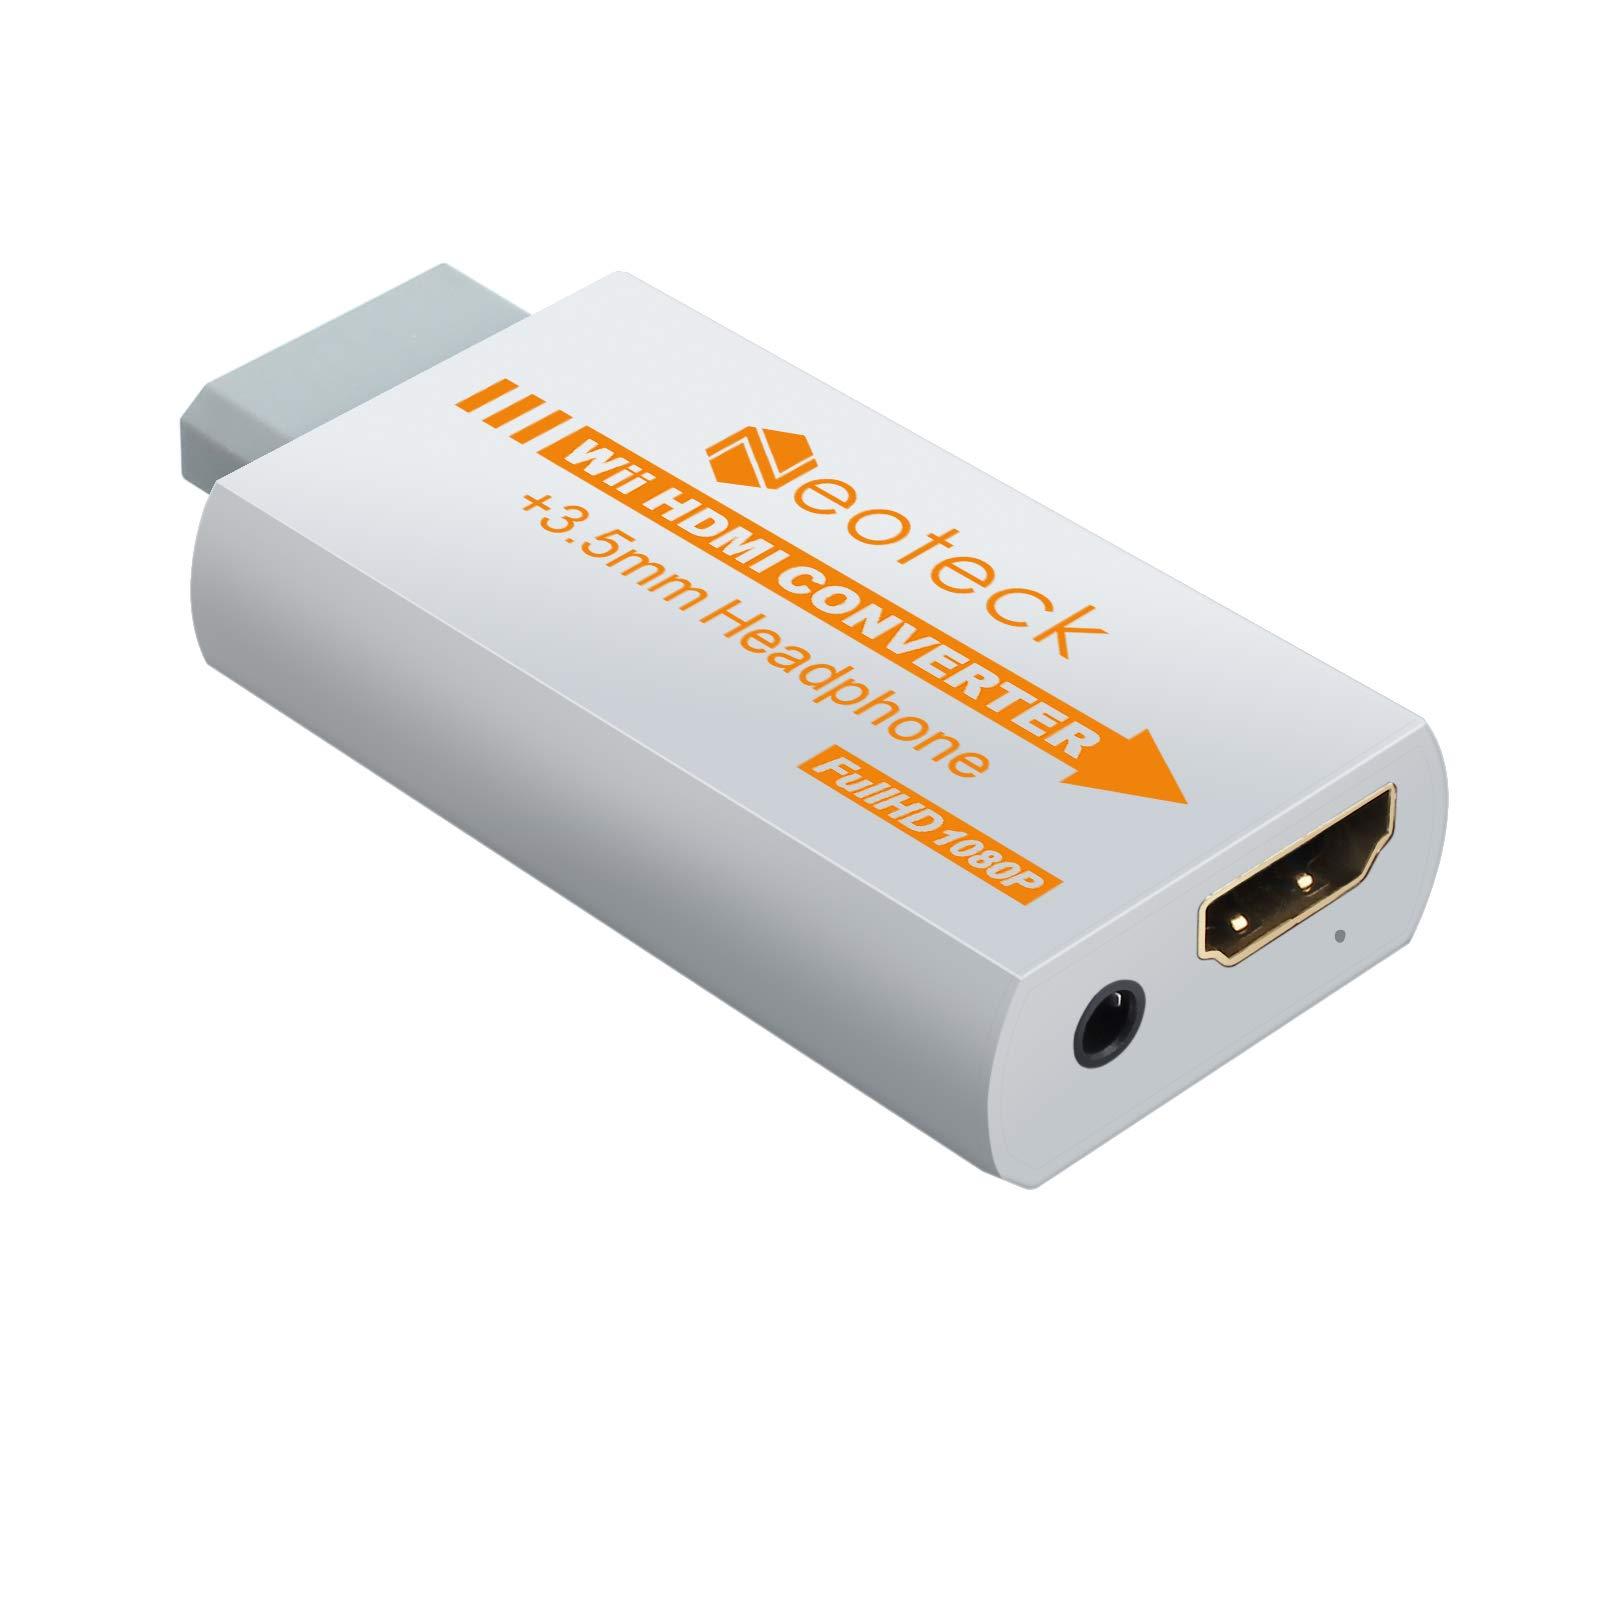 Neoteck Wii a HDMI Convertidor Señal de Wii a 720P y 1080P Full HD + Adaptador de Audio Jack de 3.5mm Compatible con el Formato NTSC/PAL para Smart TV HDTV-Blanco: Amazon.es: Electrónica